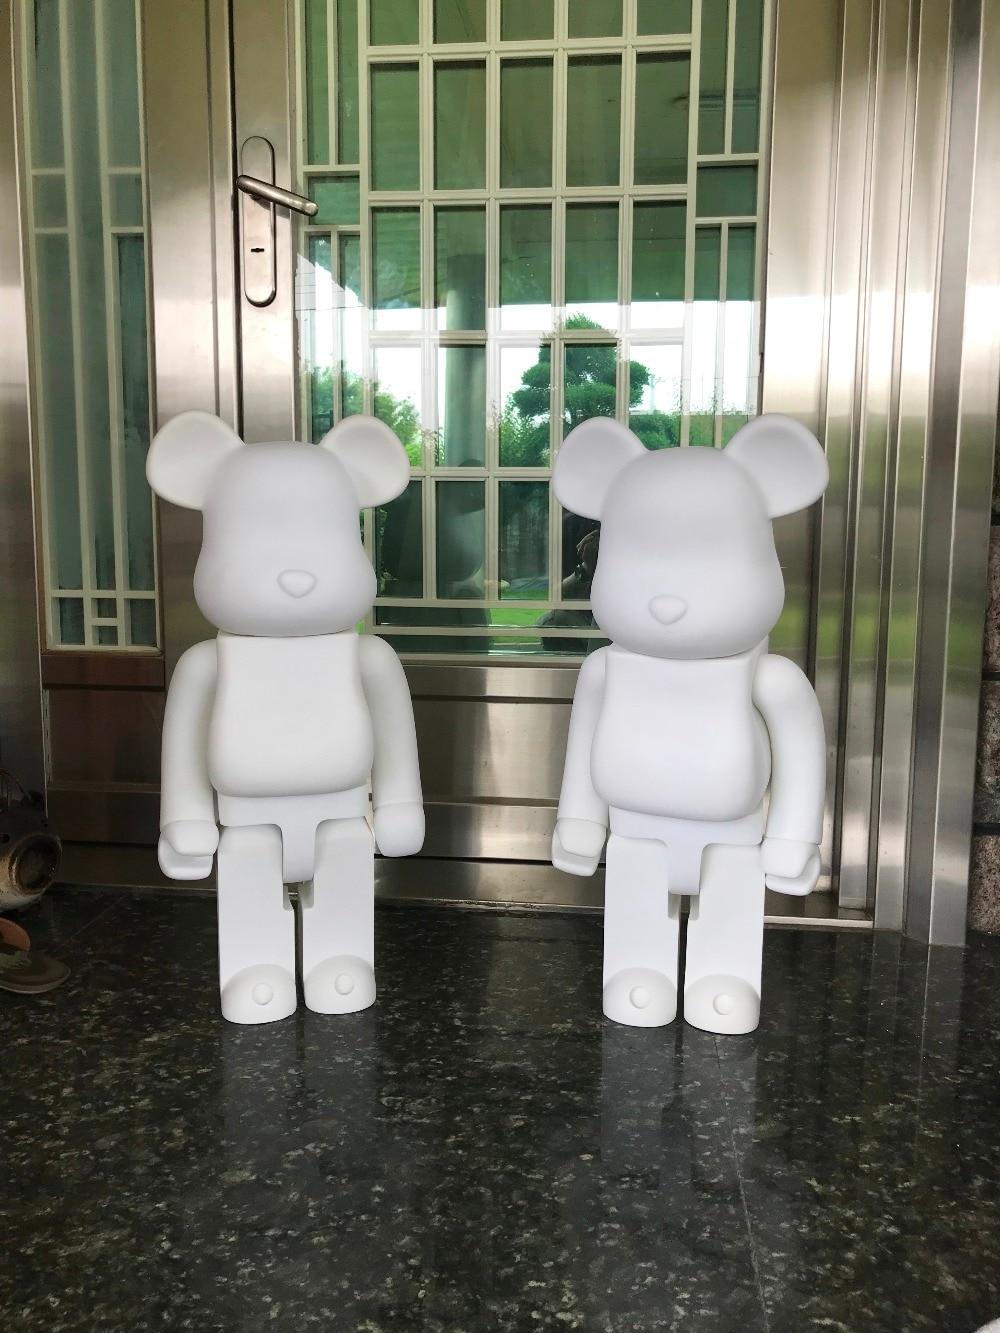 Versione limitata 1000% bearbrick orso @ mattoni 70 cm Vernice di DIY Action Figure IN PVC di Colore Bianco Con Il Sacchetto Del Opp